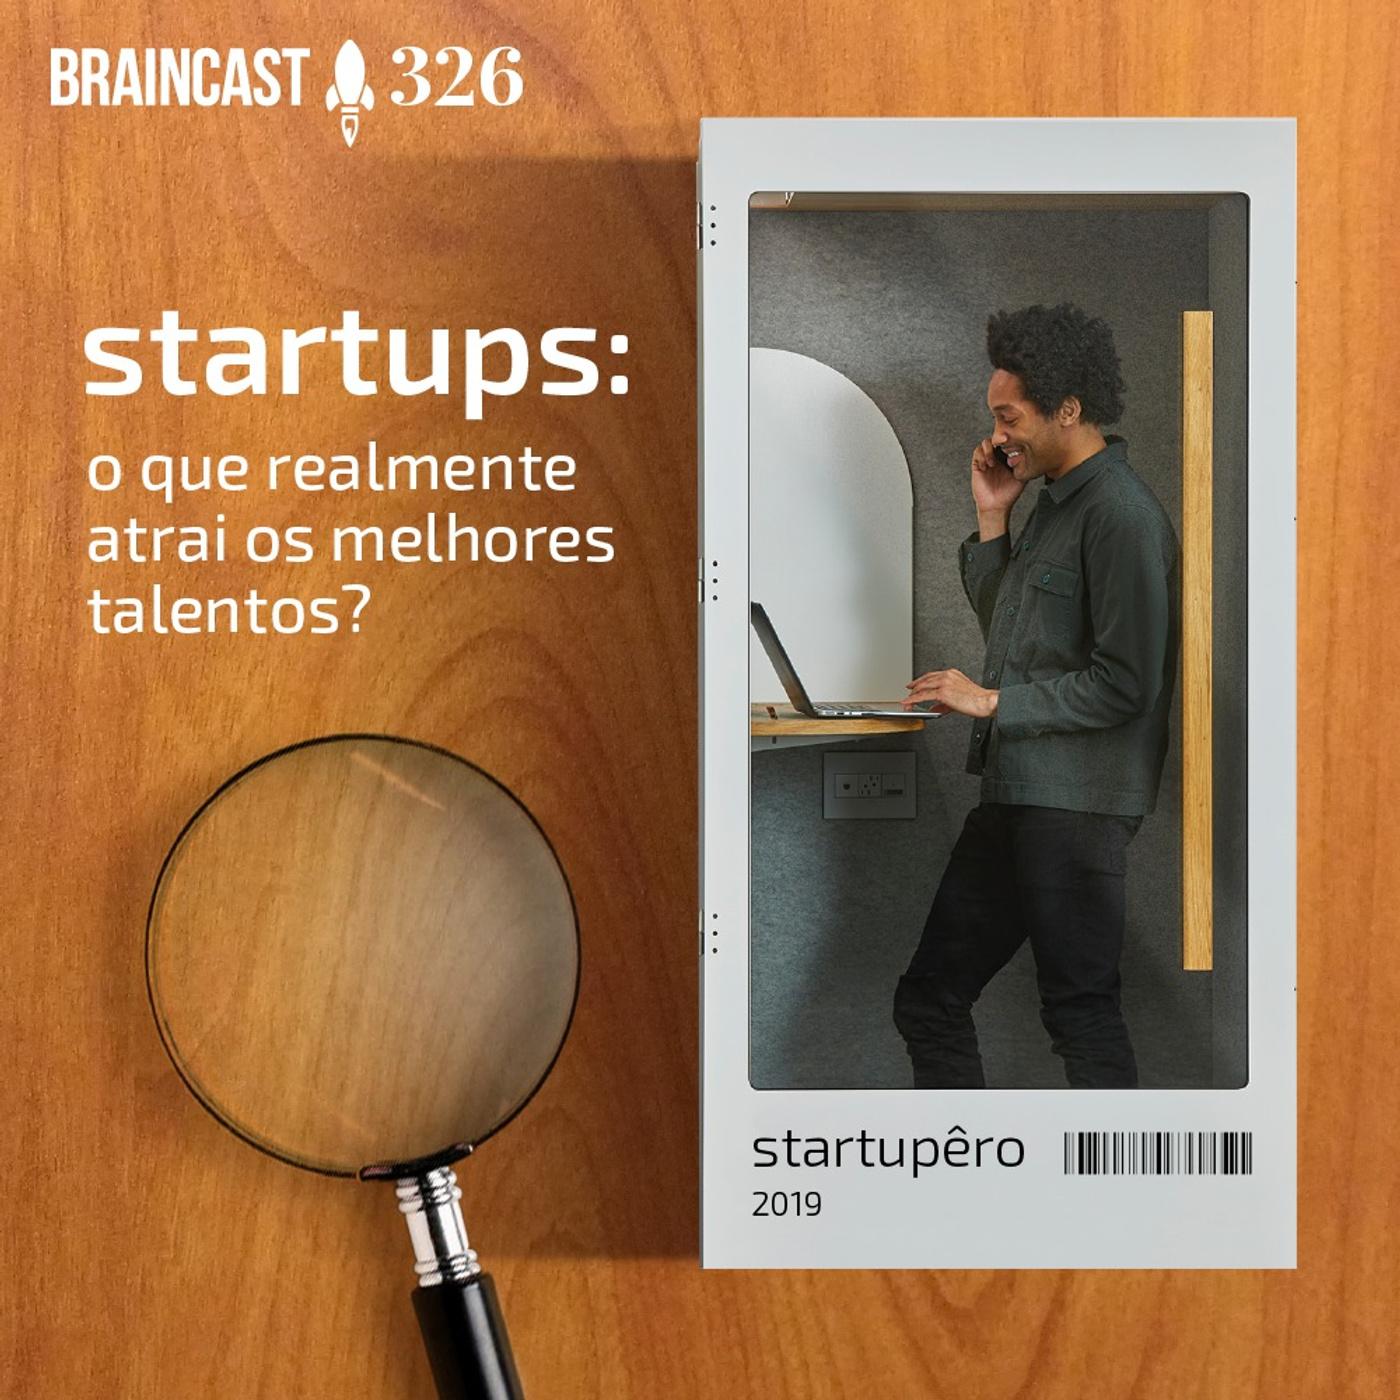 Startups: o que realmente atrai os melhores talentos?